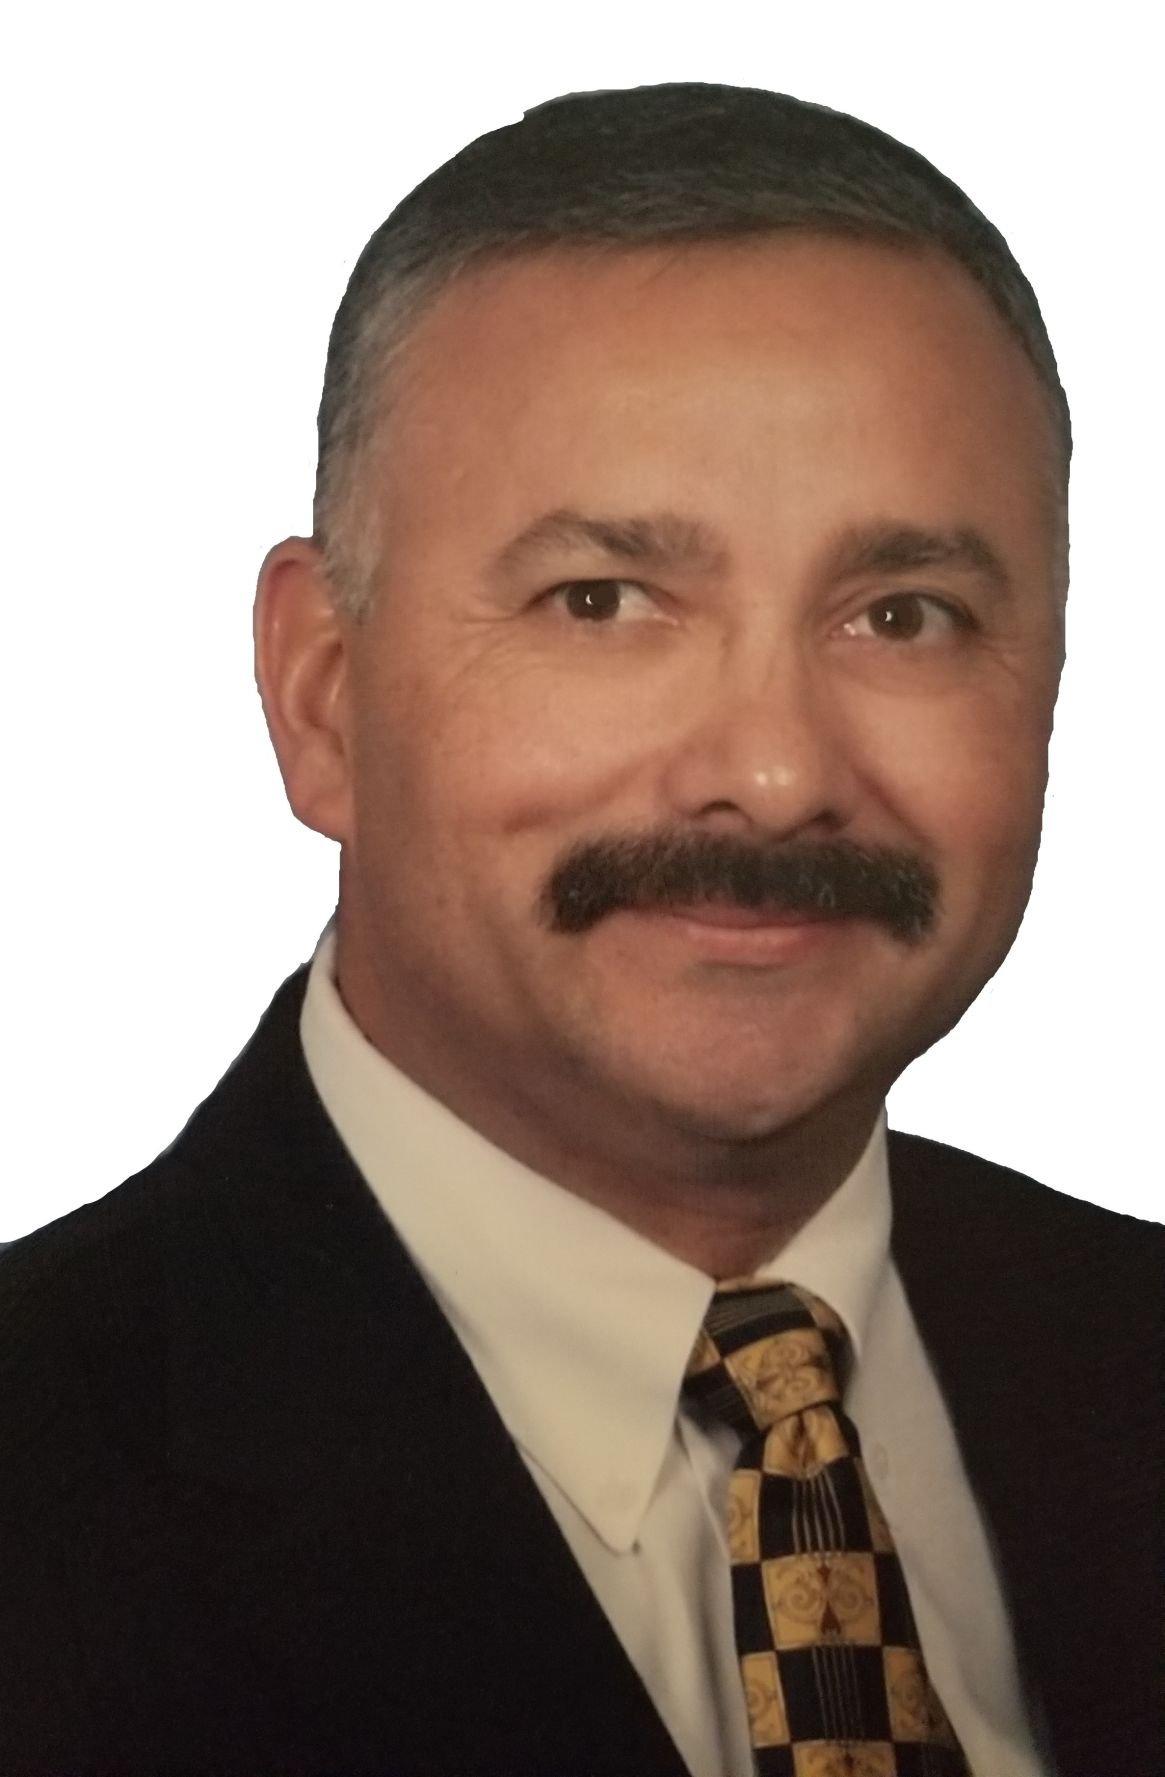 Luis De La Garza